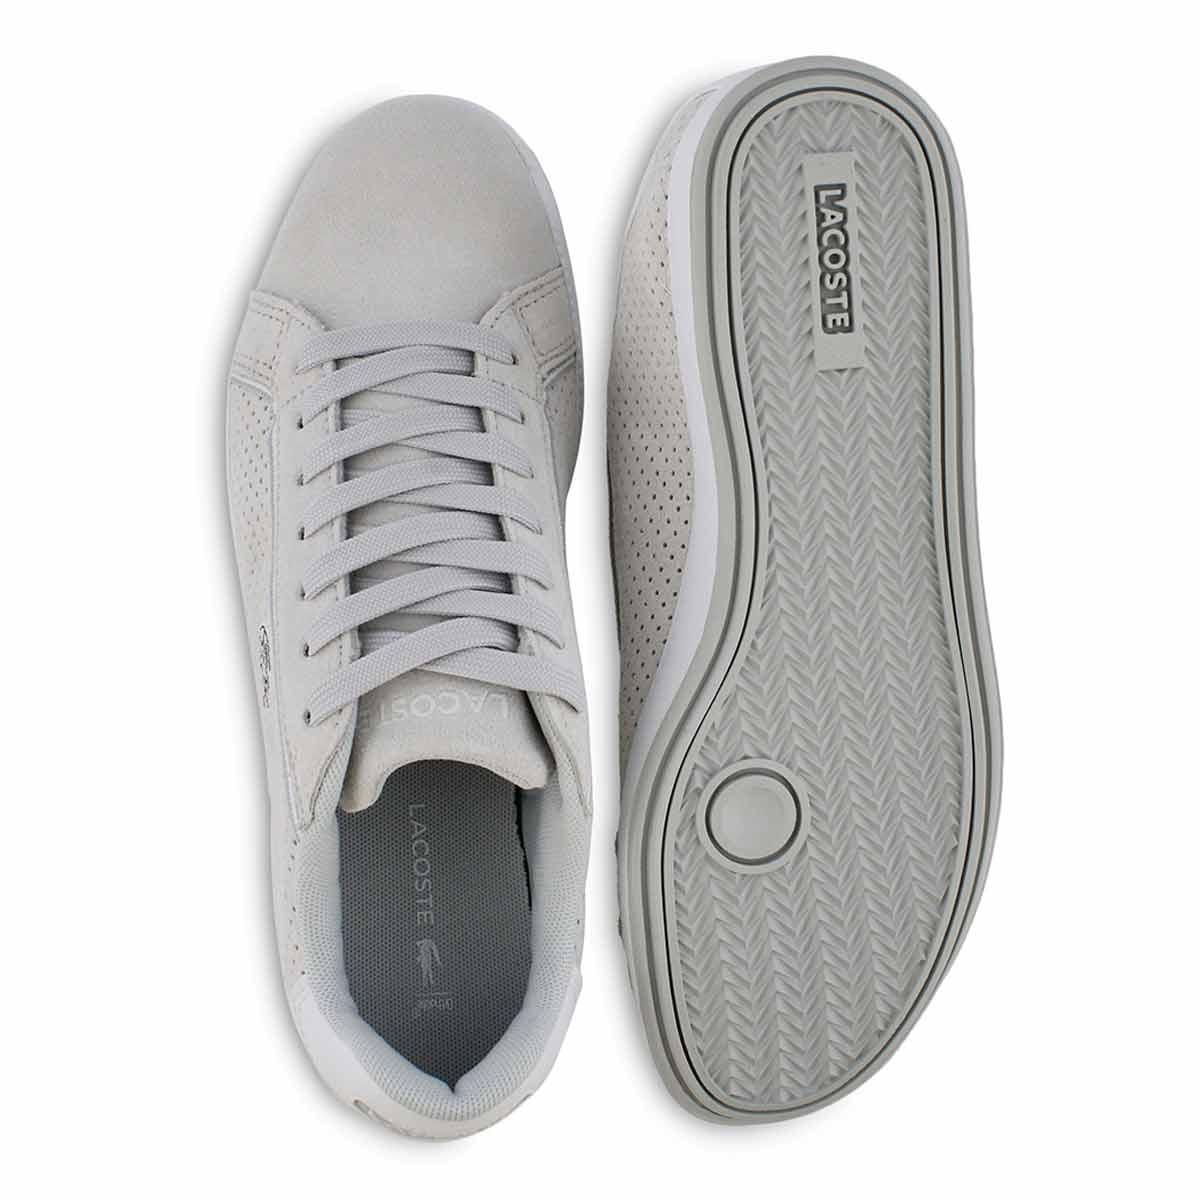 Lds Graduate 119 4 lt gry/wht sneaker